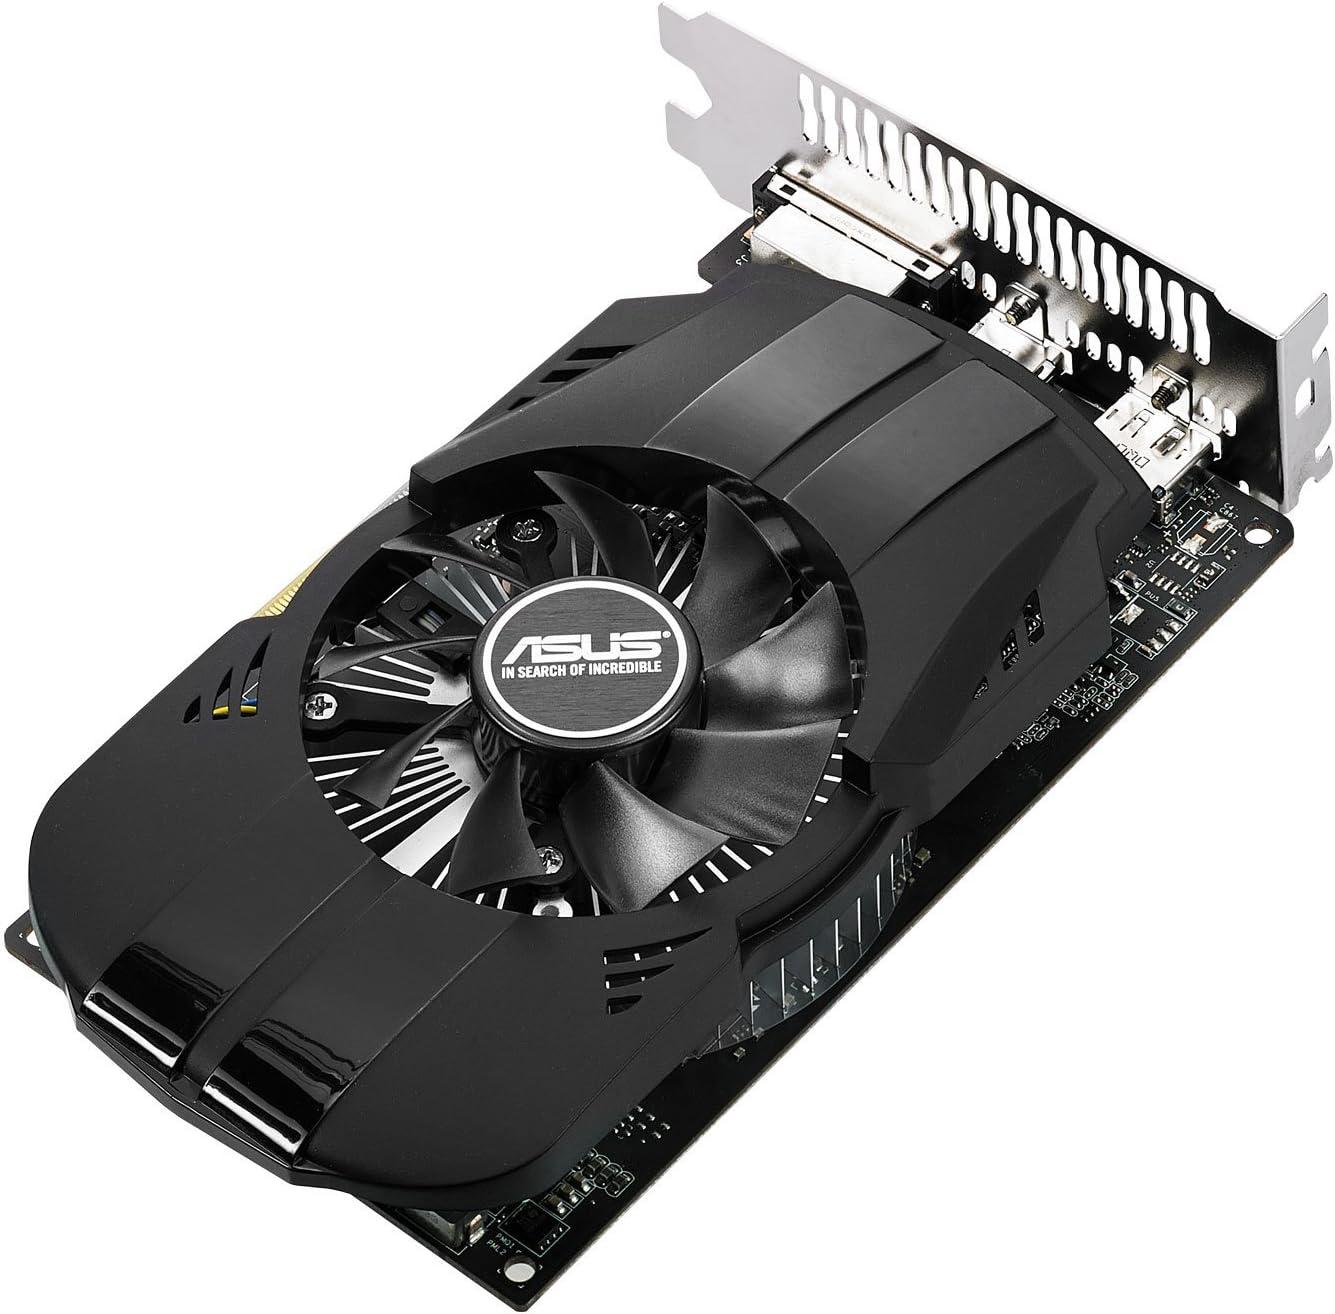 Asus Ph Gtx1050ti 4g Nvidia Geforce Grafikkarte Computer Zubehör